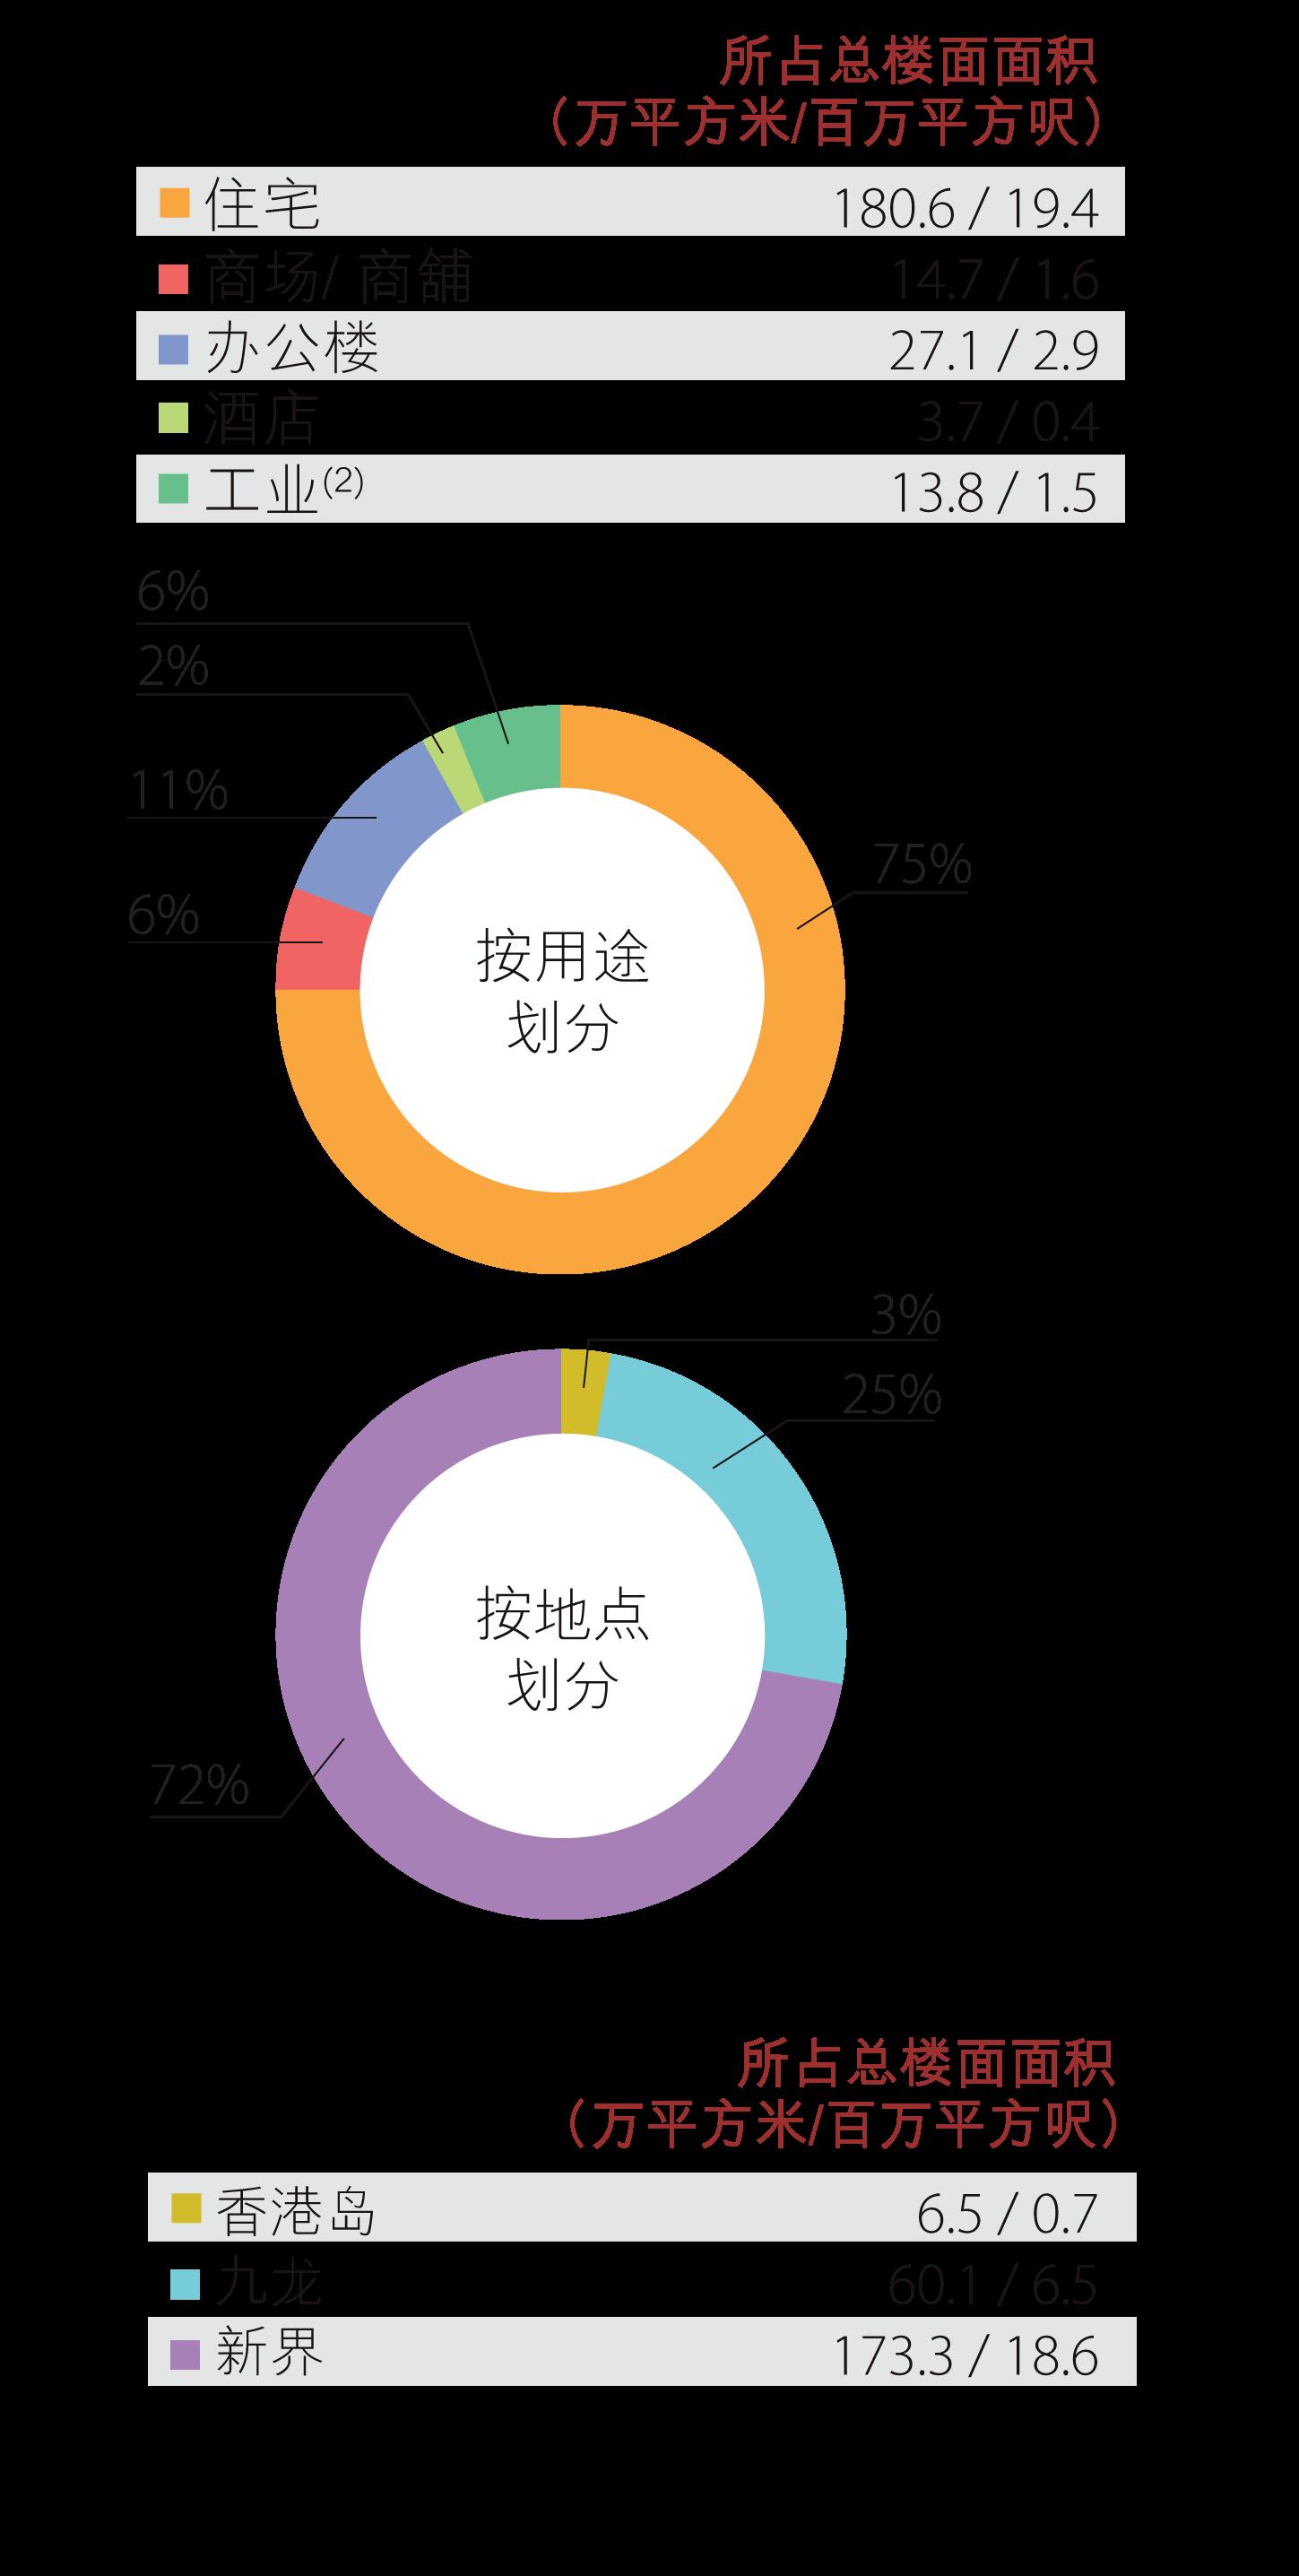 香港土地储备 - 发展中物业